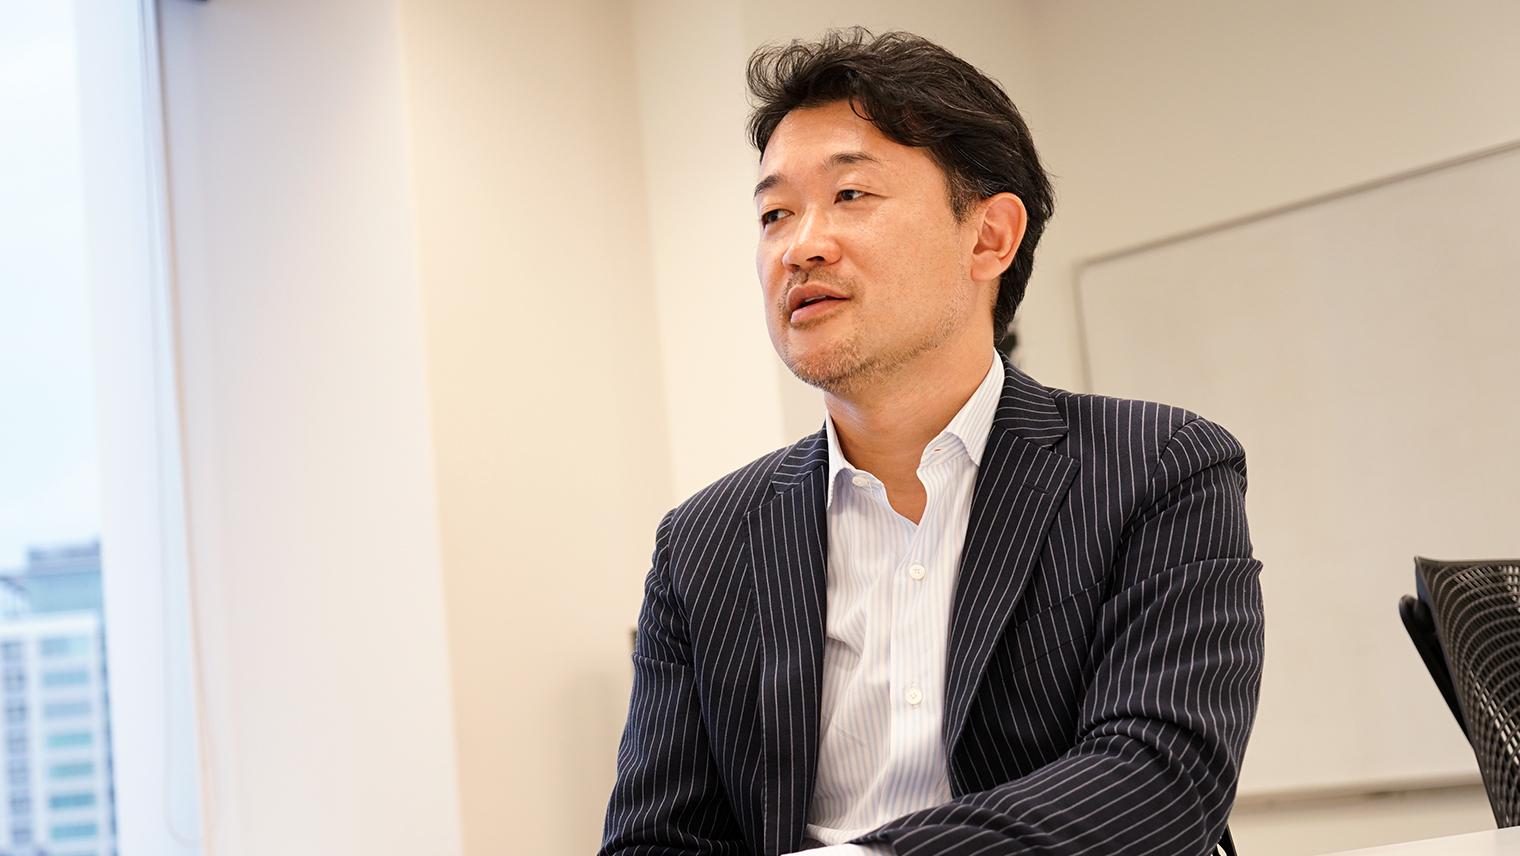 株式会社アイスタイル代表取締役社長 兼 CEO 吉松徹郎さん